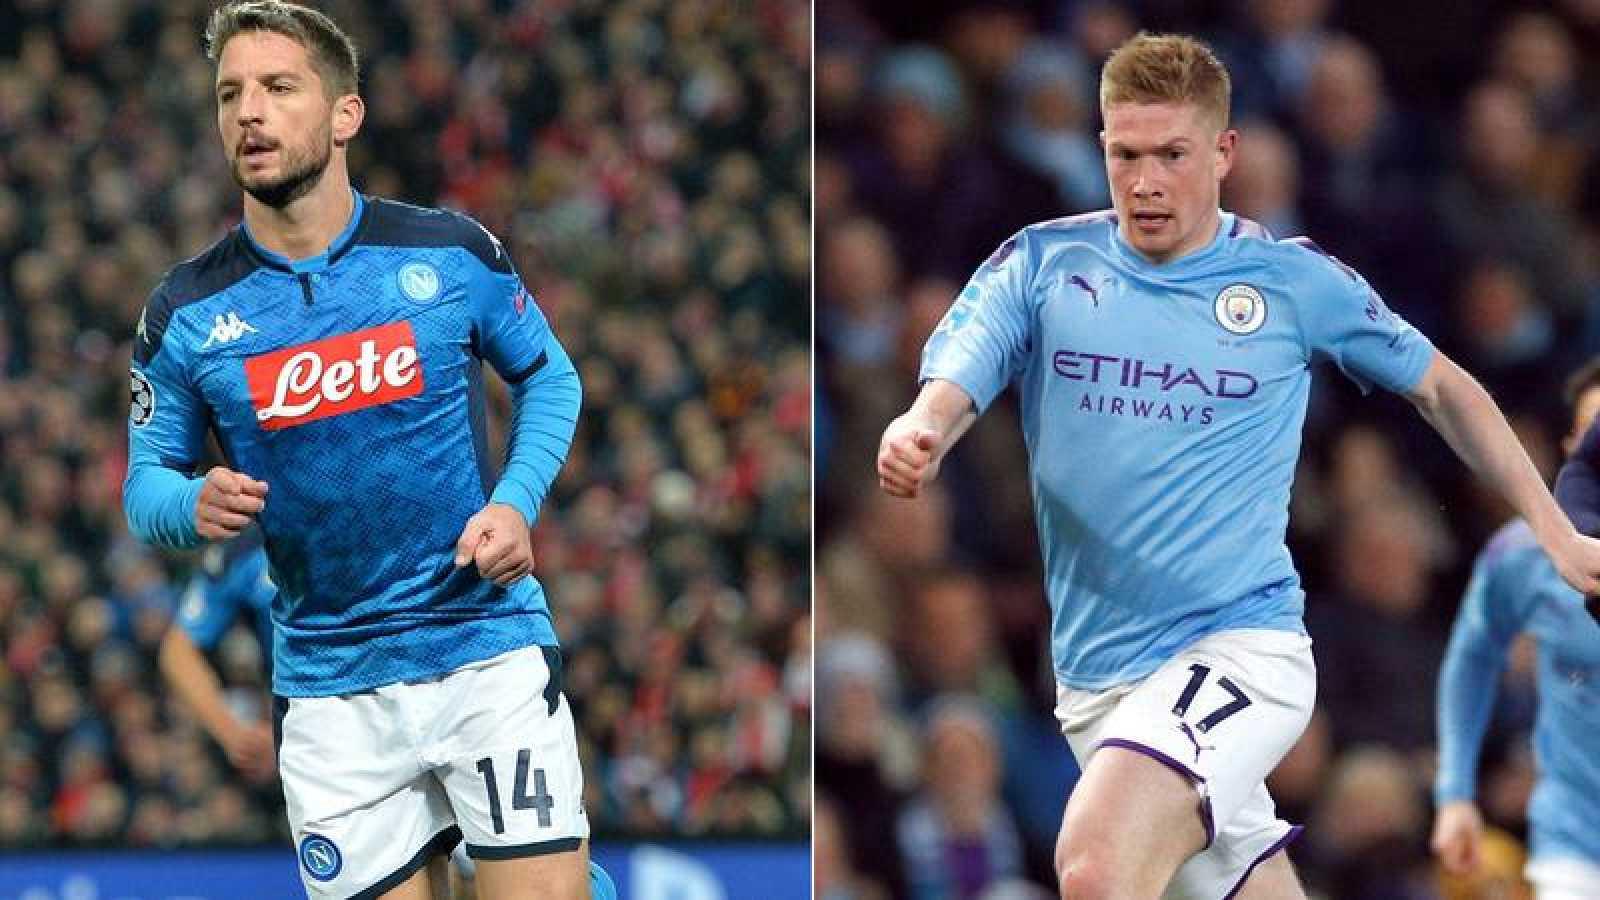 Imagen de los jugadores del Nápoles y Manchester City, Dries Mertens y Kevin De Bruyne.